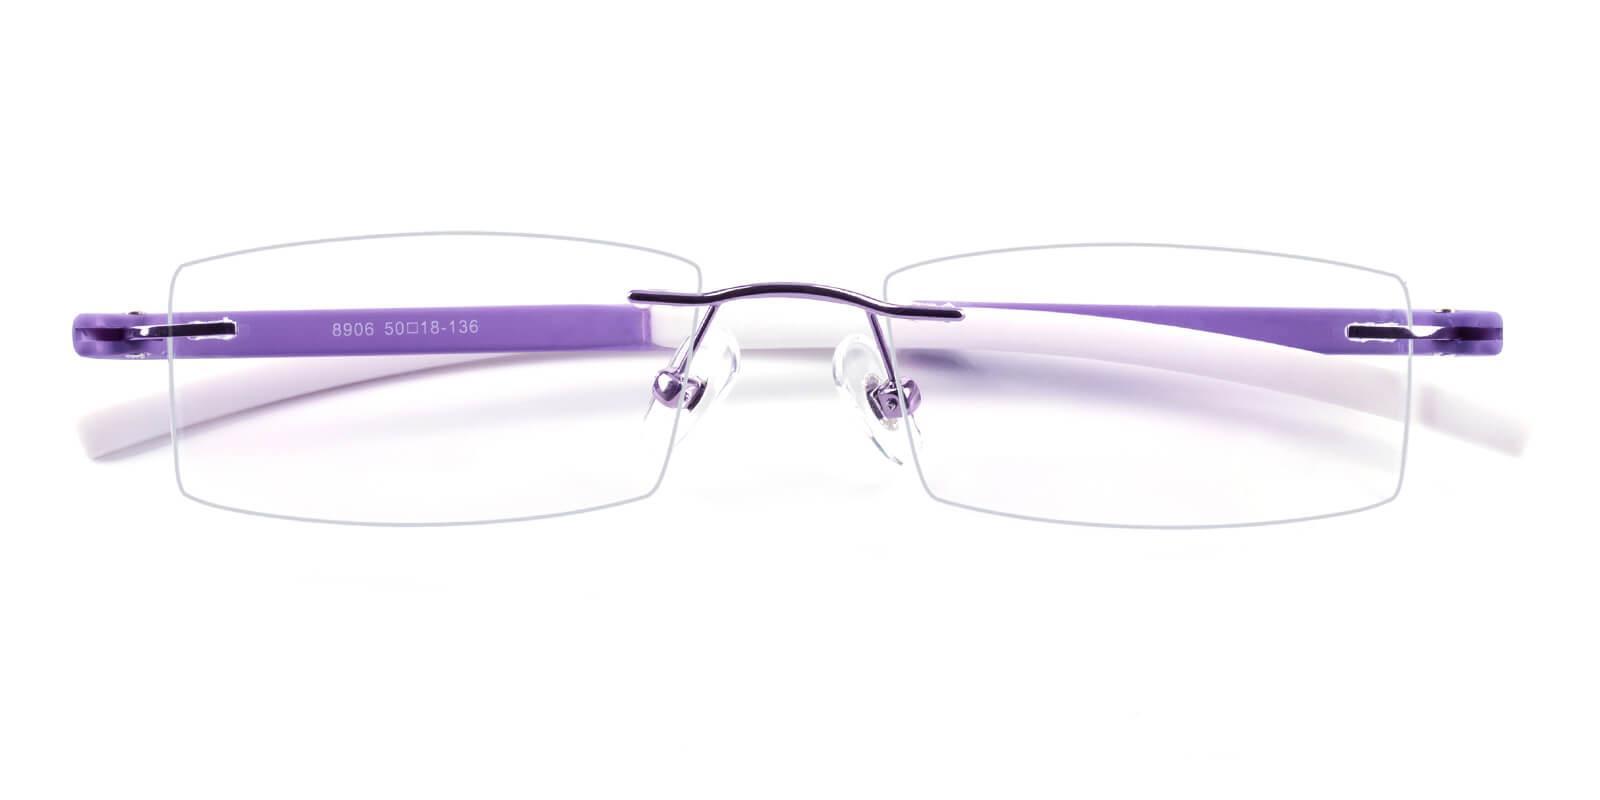 Trimming-Purple-Varieties-Acetate / Metal-Eyeglasses-detail